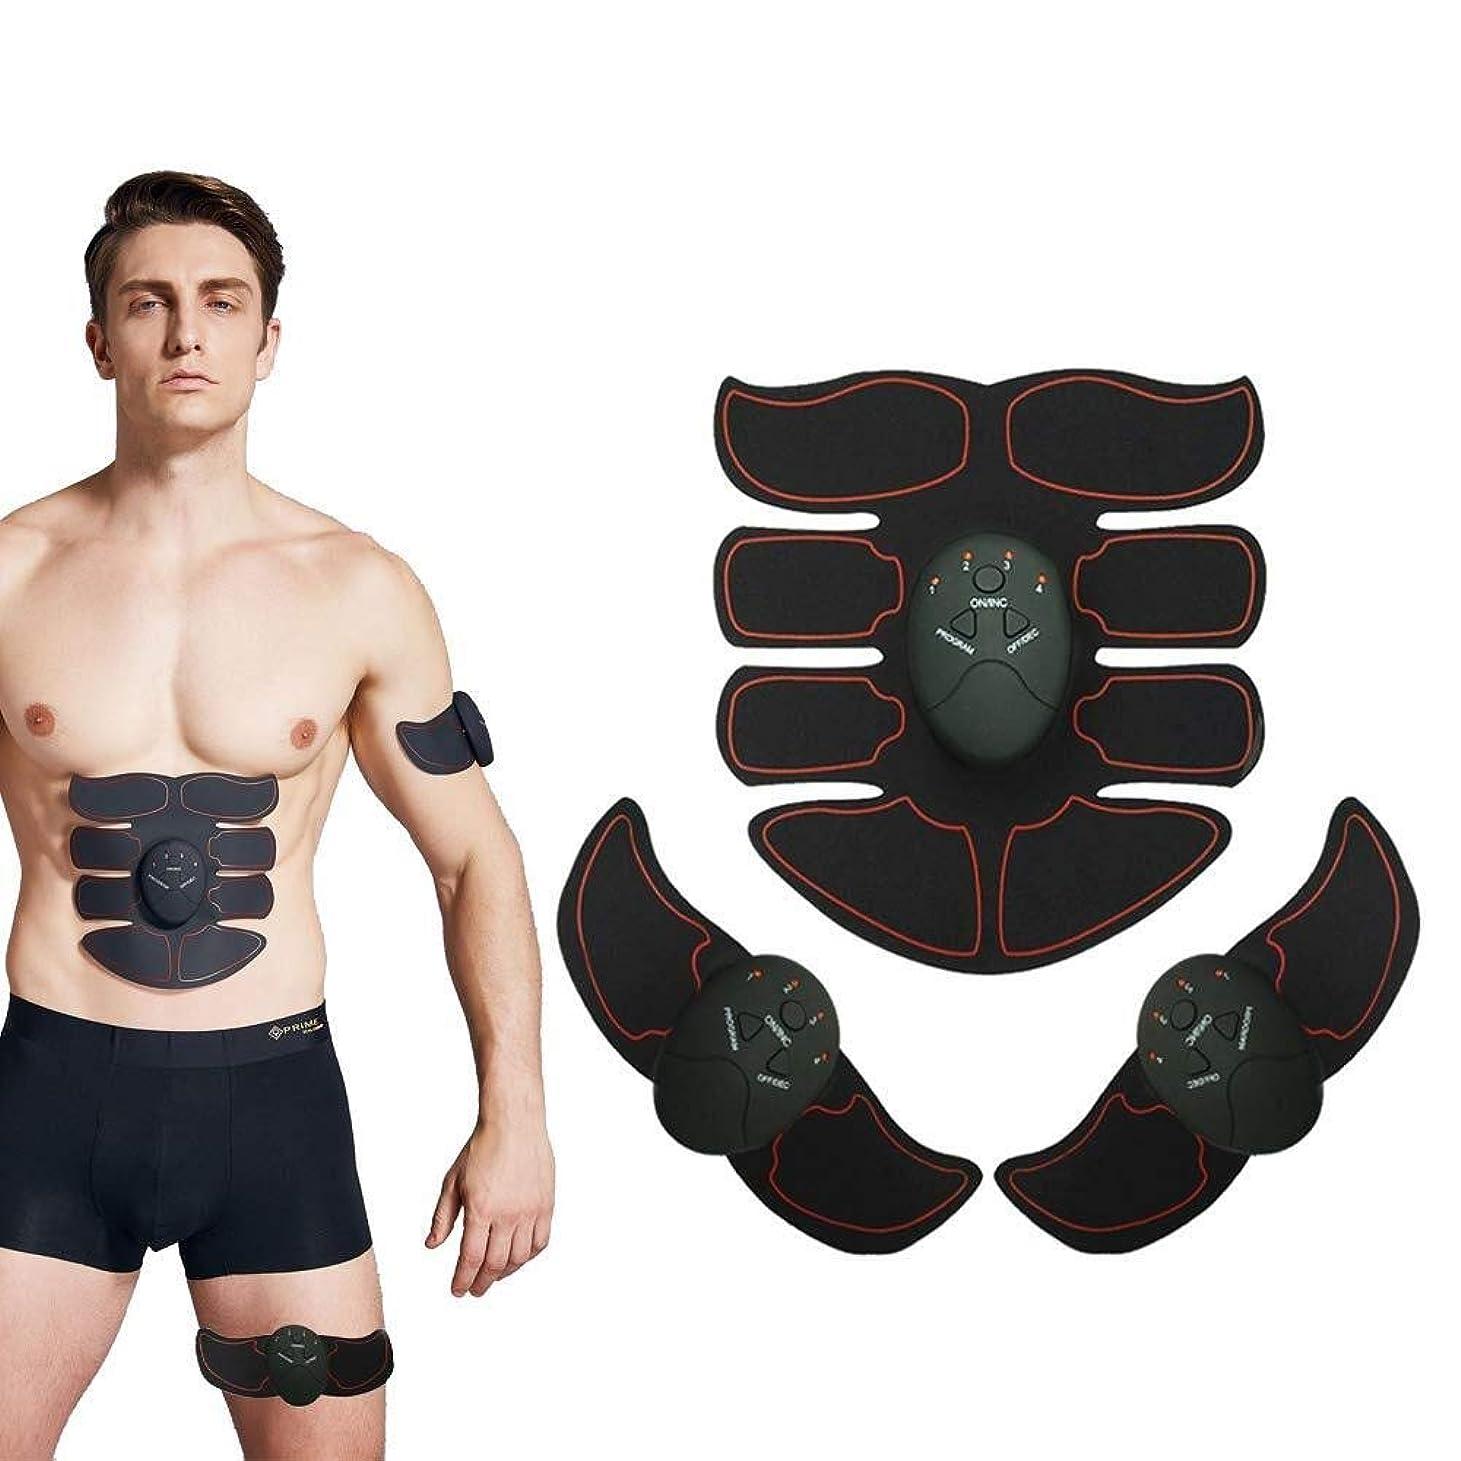 レイドル徹底的に腹筋トレーナー 筋肉刺激装置 腹部調色ベルト、 USB充電式 筋肉のトナー、 ワイヤレスポータブル トレーニングギア、 完璧な ホーム 運動器具 にとって 男女 - 6つのモードと10のレベルの強度